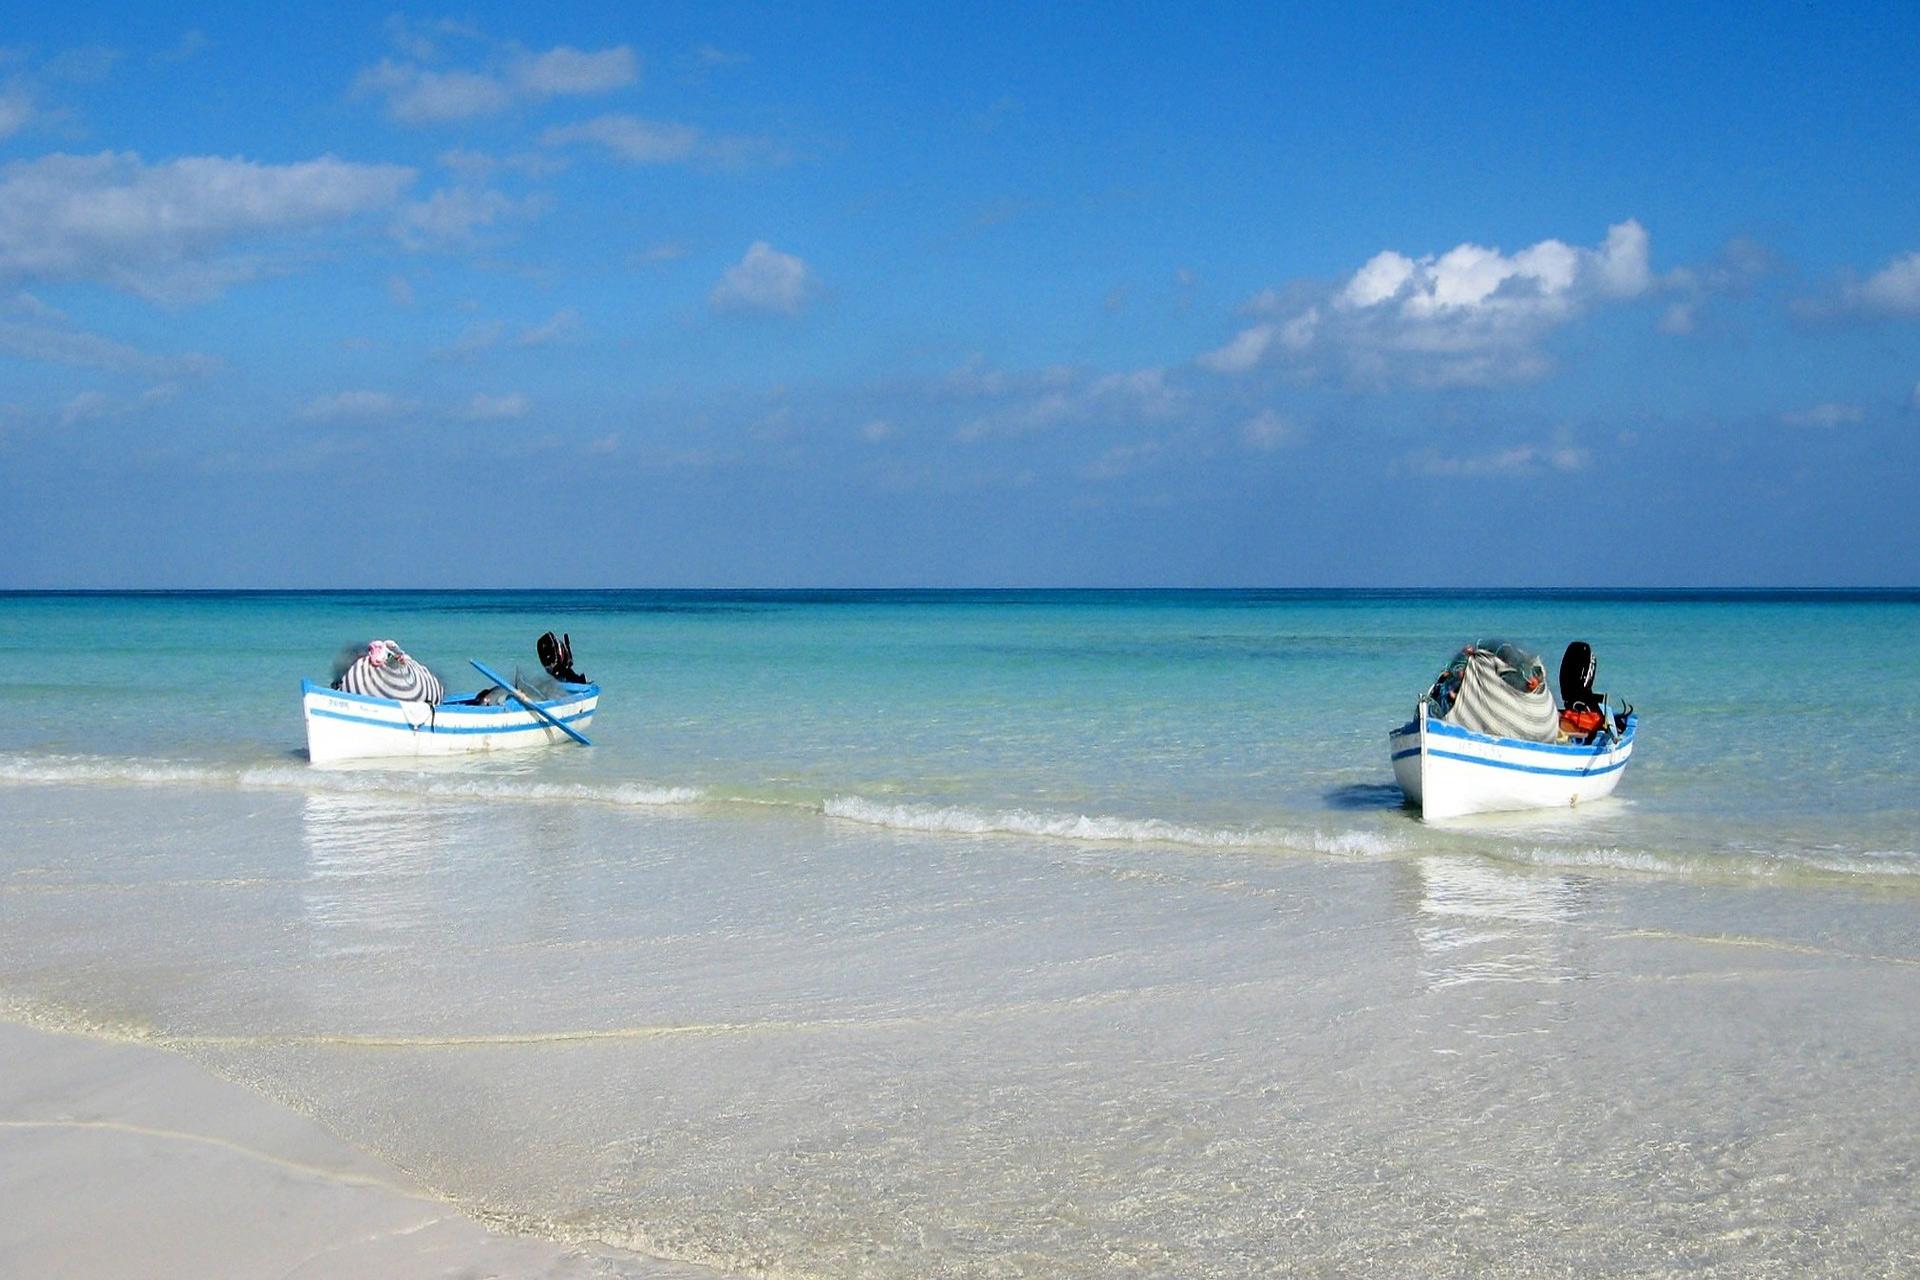 Séjour en Tunisie : 8J/7N dès 239€ avec hôtel tout compris, aquapark et vol A/R inclus